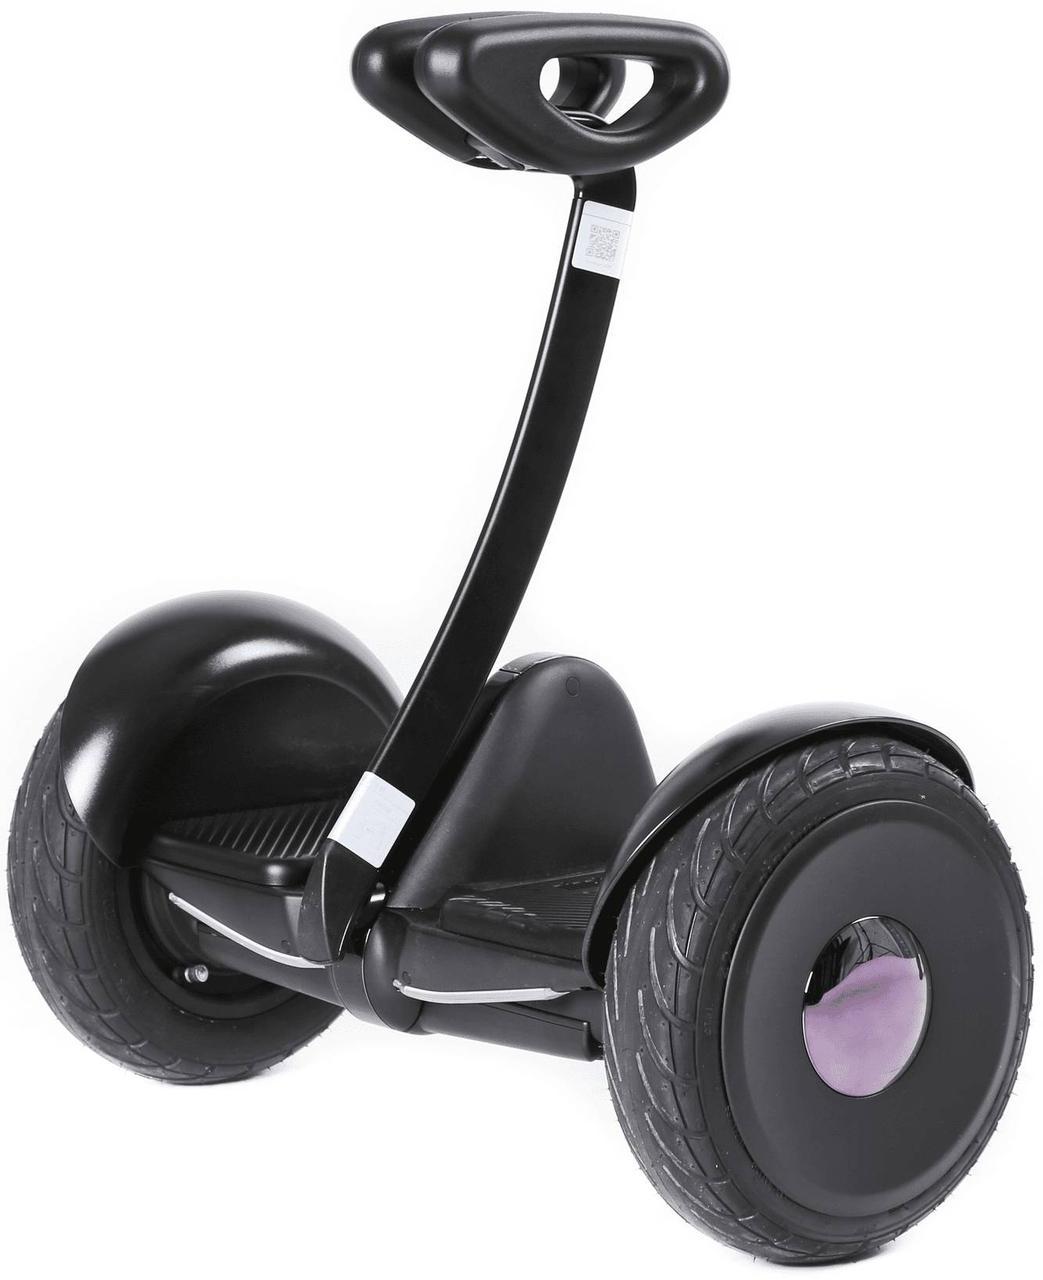 Мини сигвей гироскутер Ninebot Mini Robot 54V Черный Black.Міні сігвей гіроскутер. Найнбот мини Робот